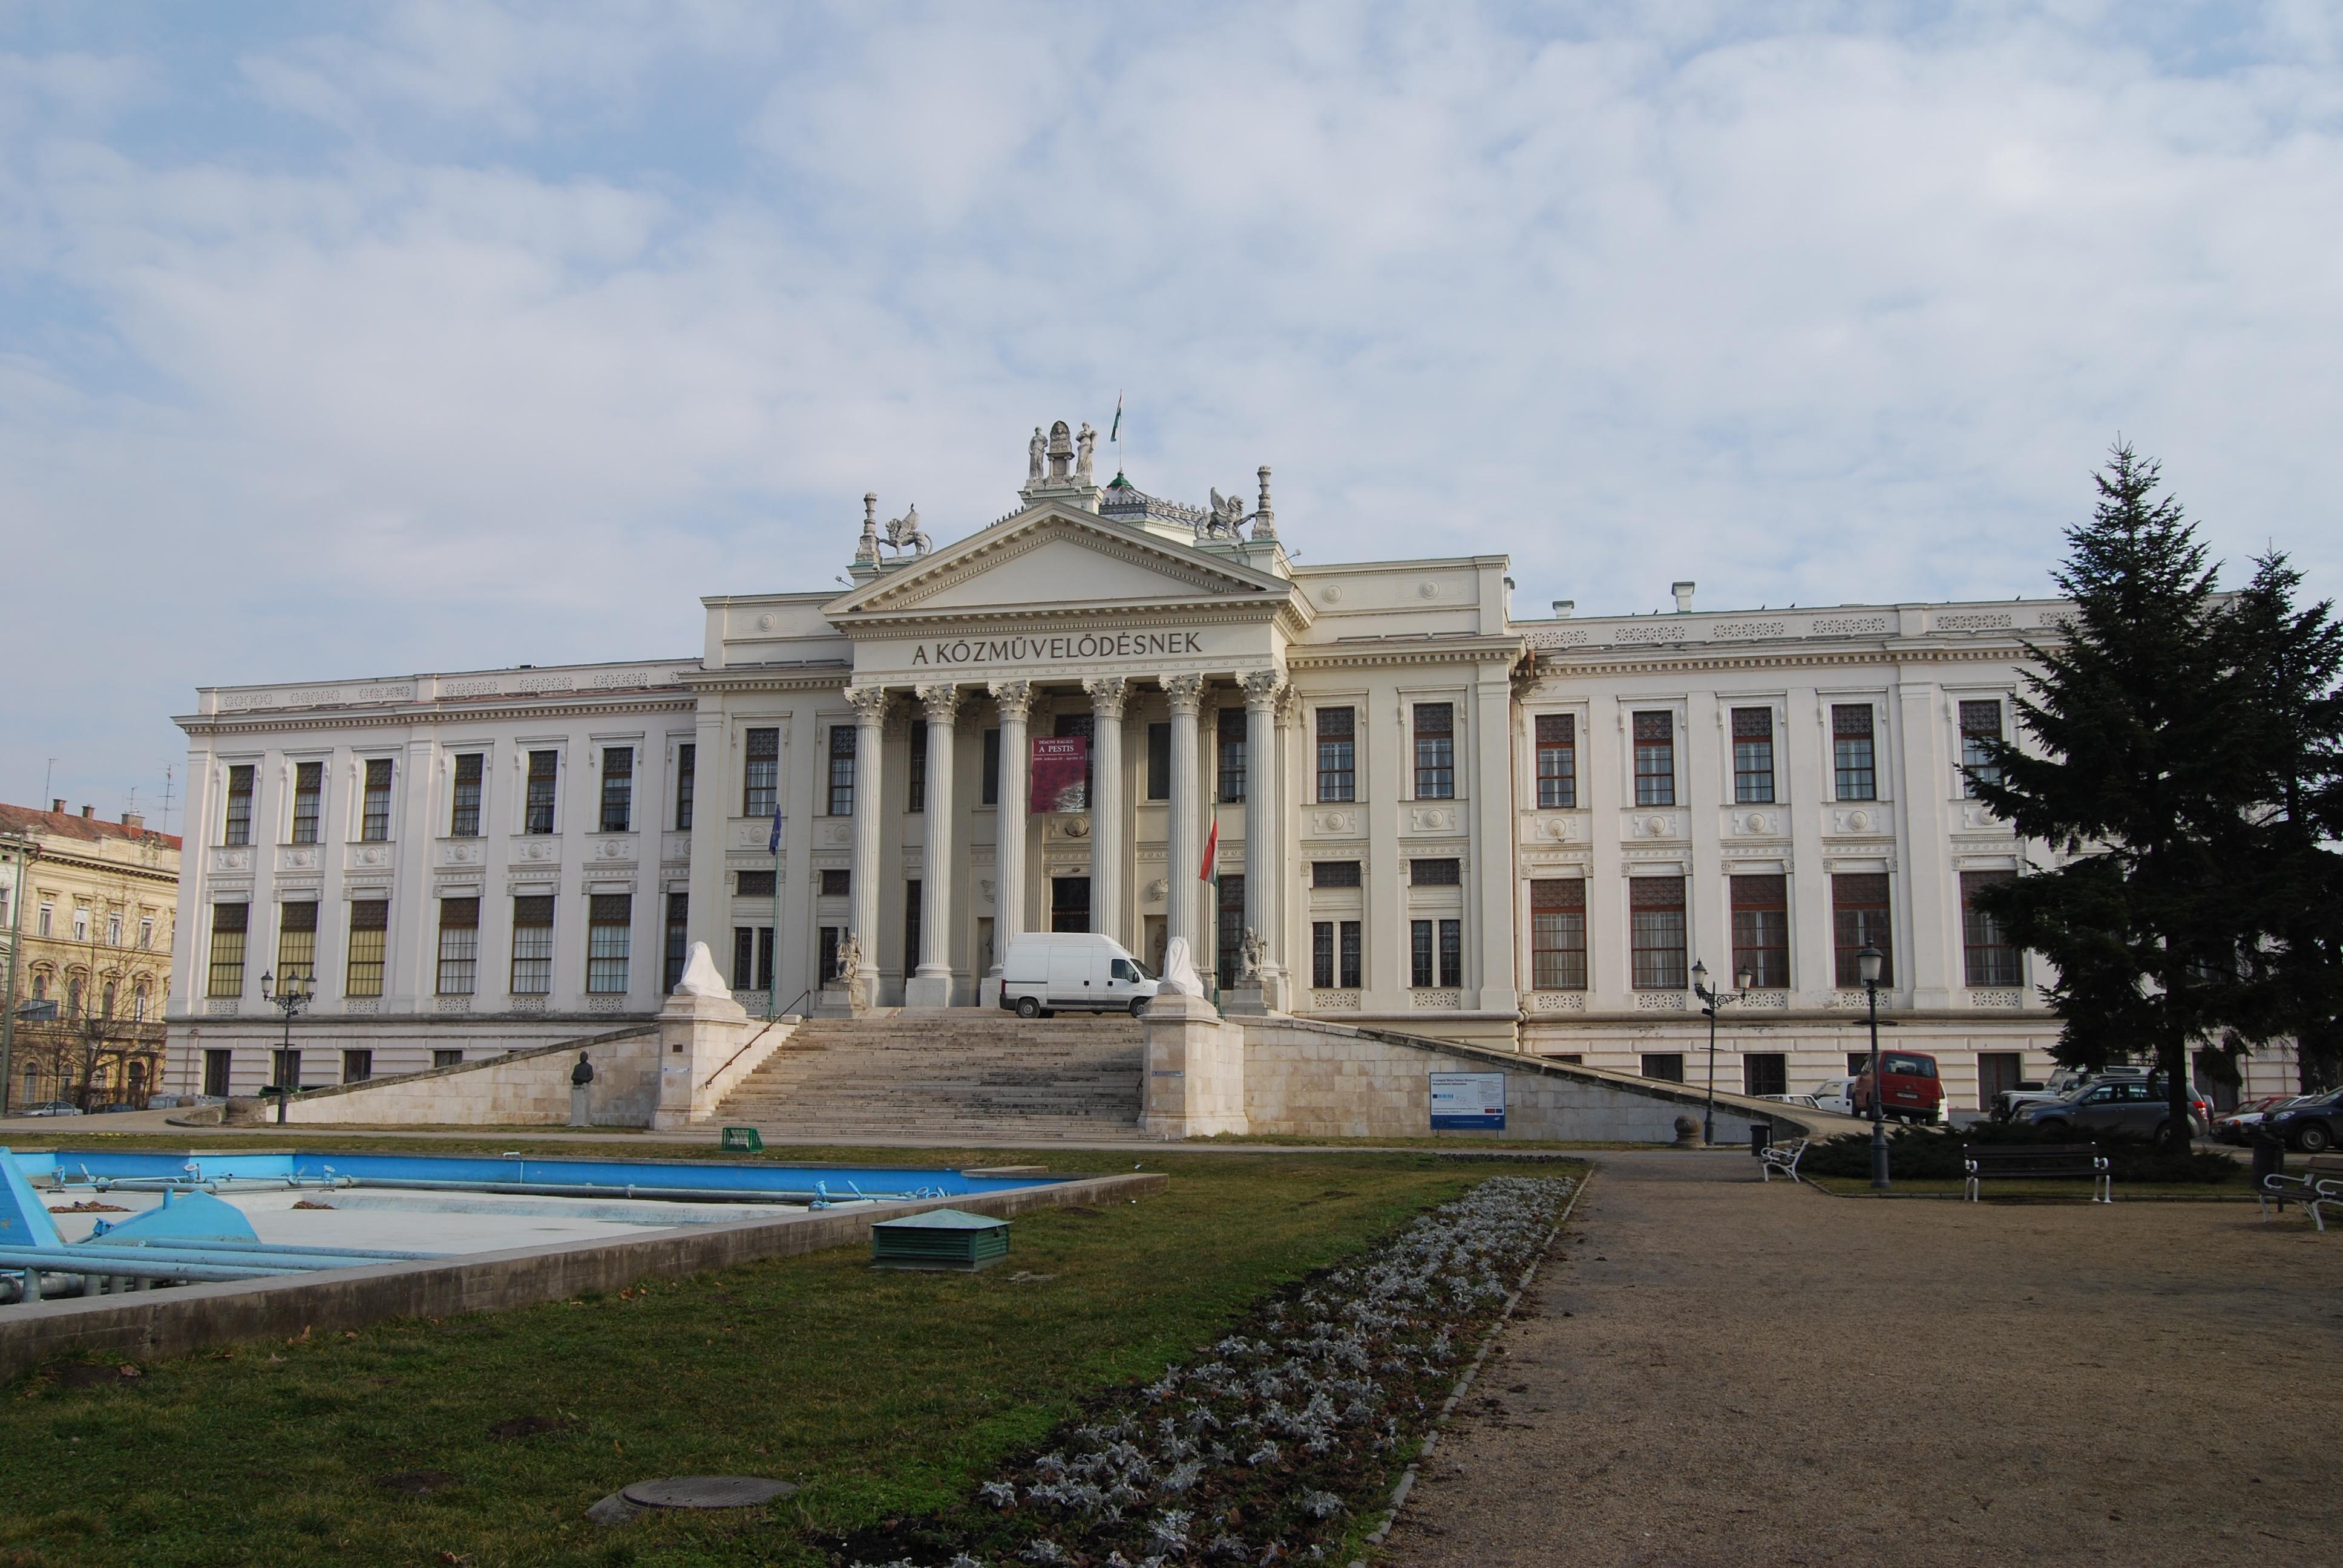 Magyar Hang: Múzeumi támogatások megvágásával áll bosszút a kormány az ellenzéki városokon